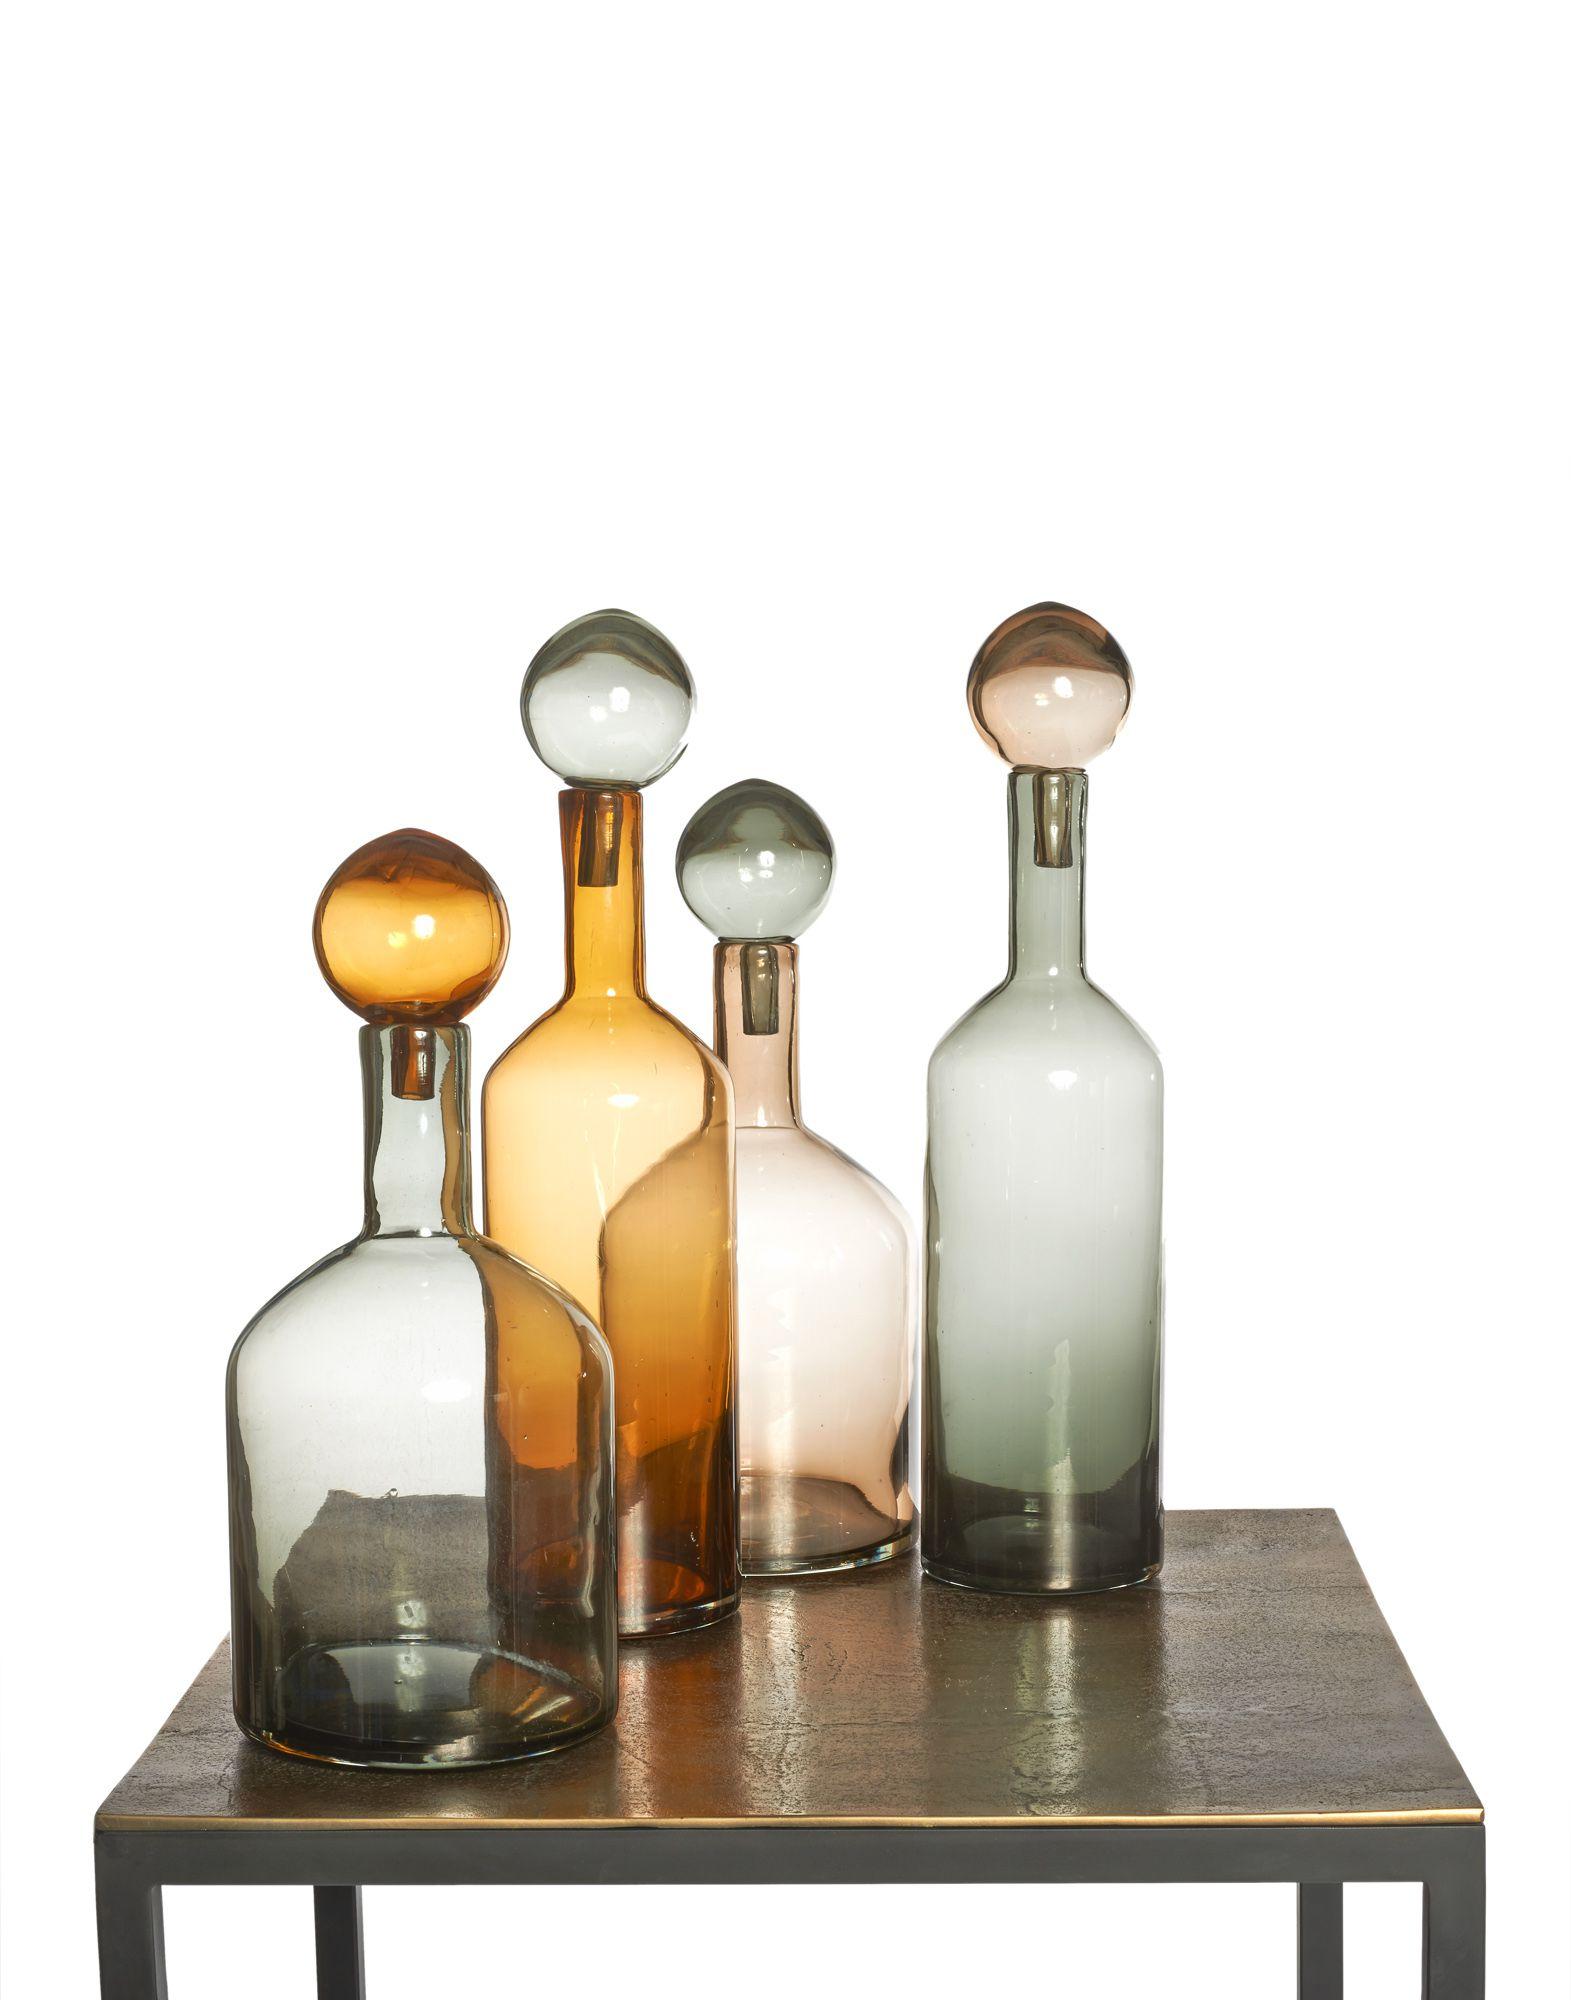 Pols potten pols potten complementi d 39 arredo vasi for Complementi d arredo vasi